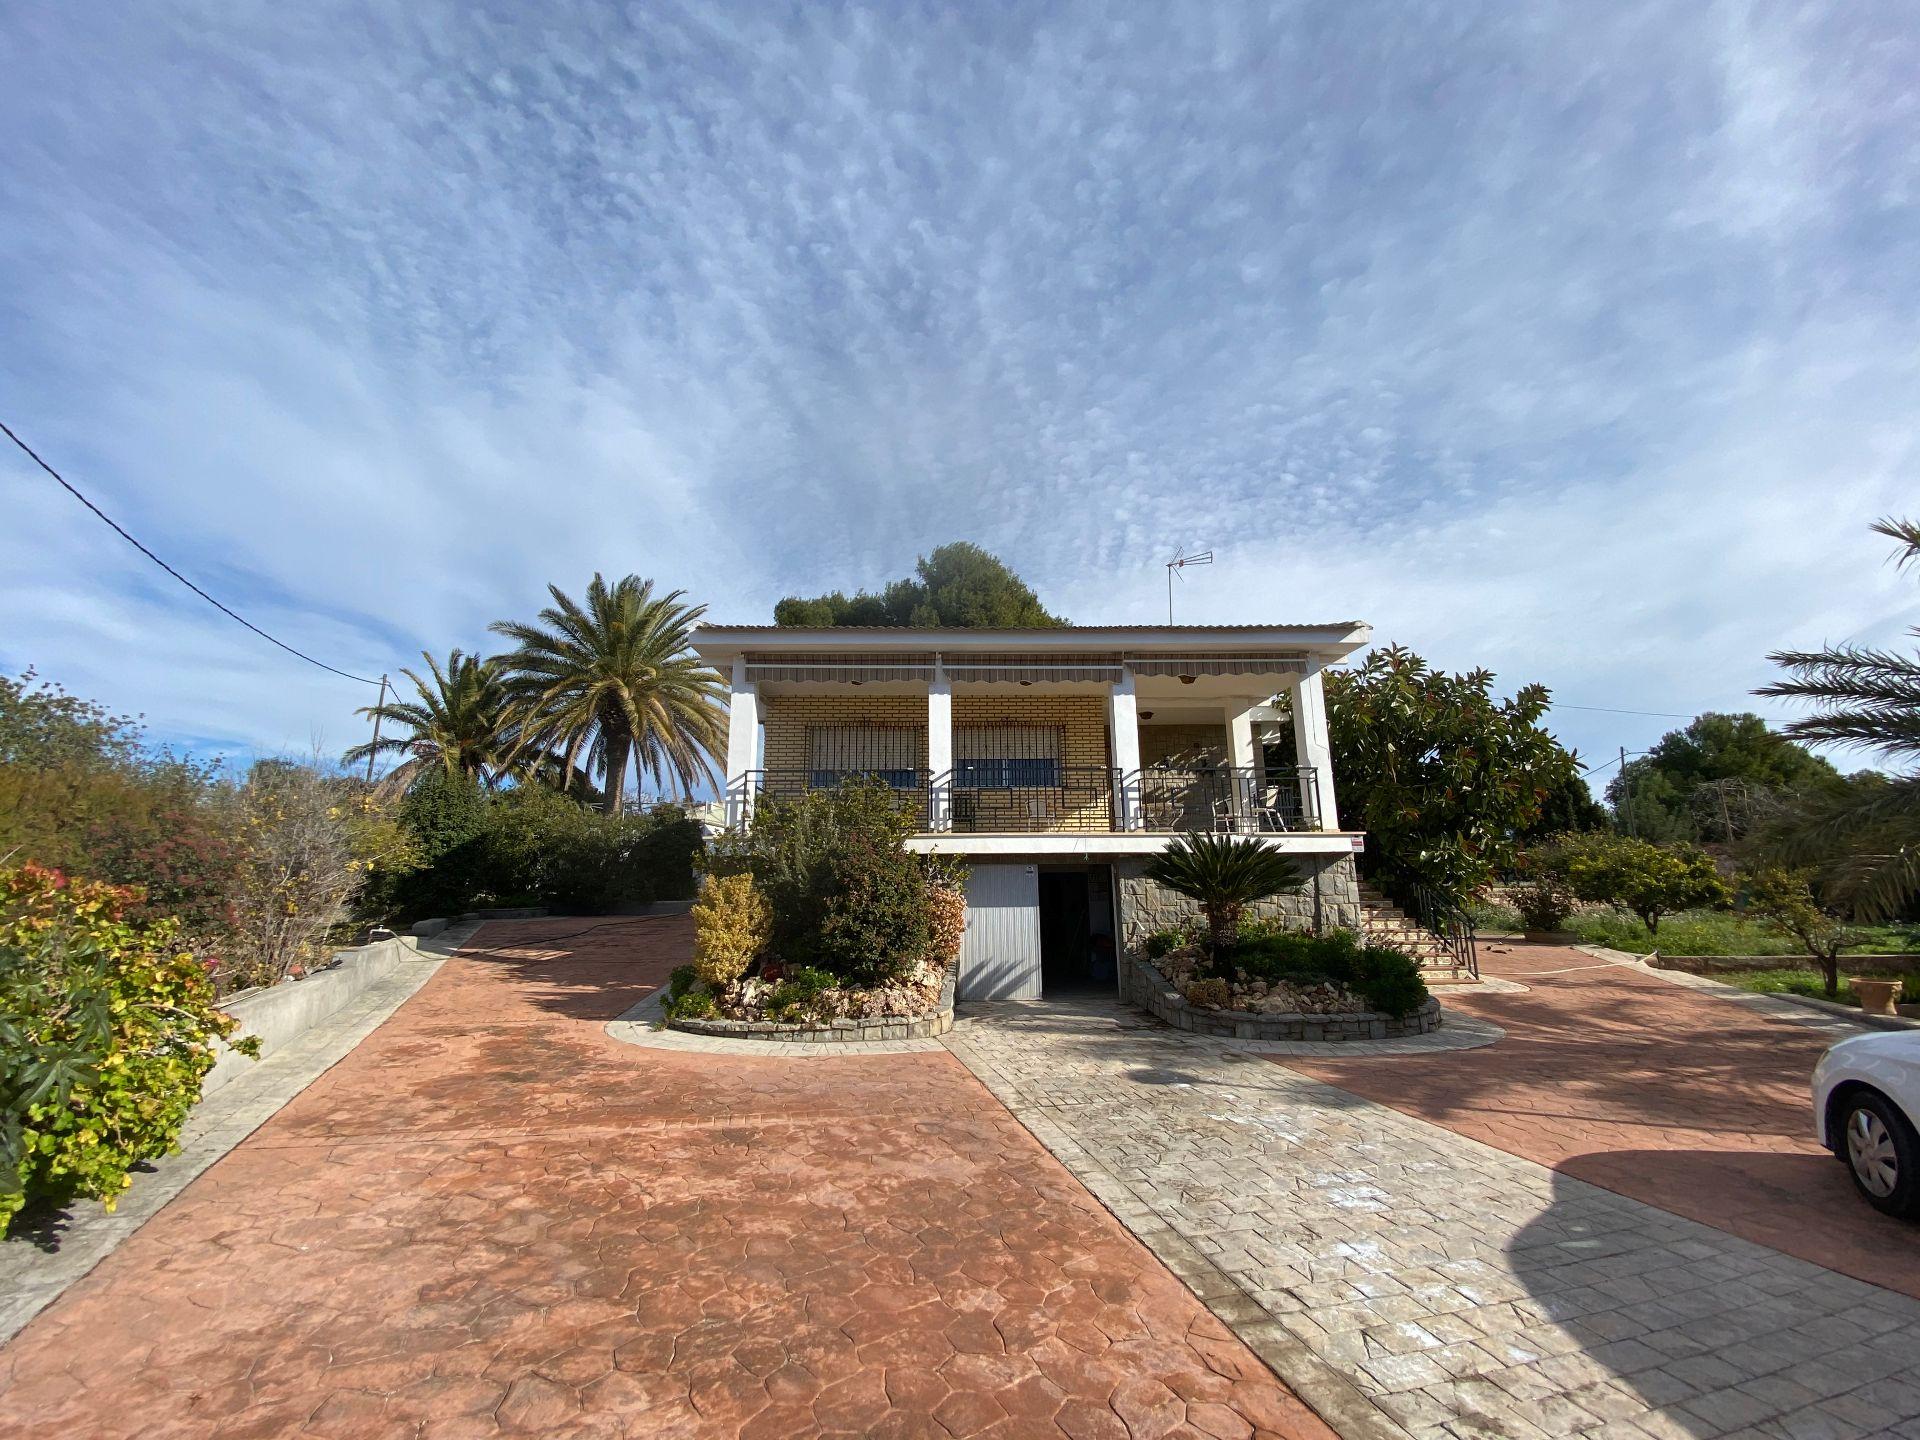 Casa / Chalet en Olocau, venta